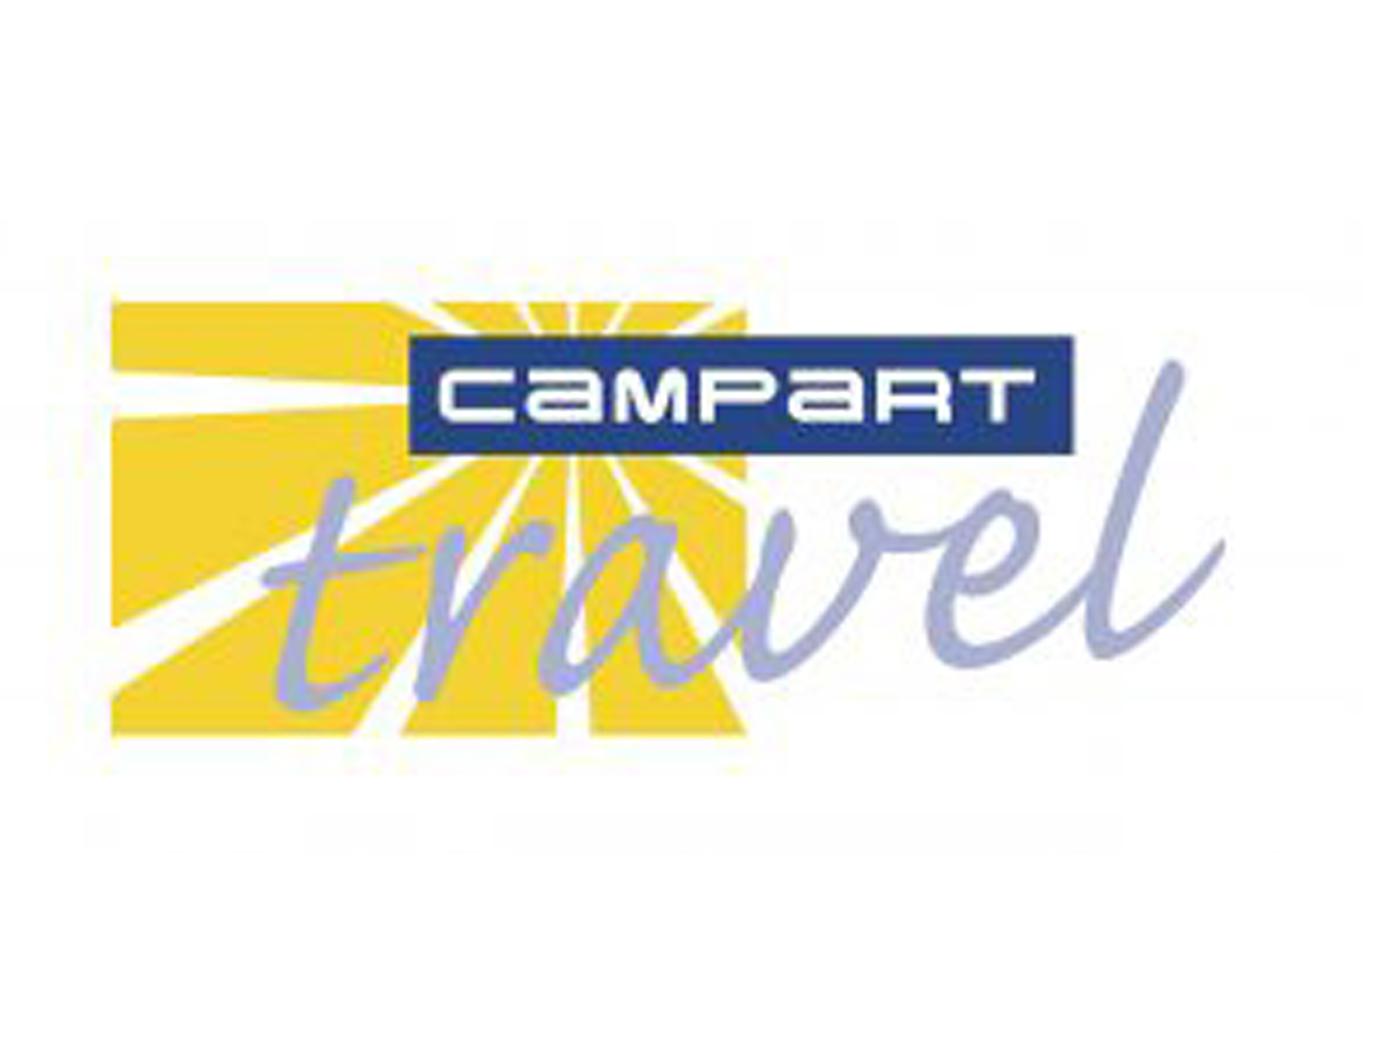 Luxus Reiseküche, Campingschrank klappbar, stabiler viel Alurahmen, viel stabiler Stauraum d71b95